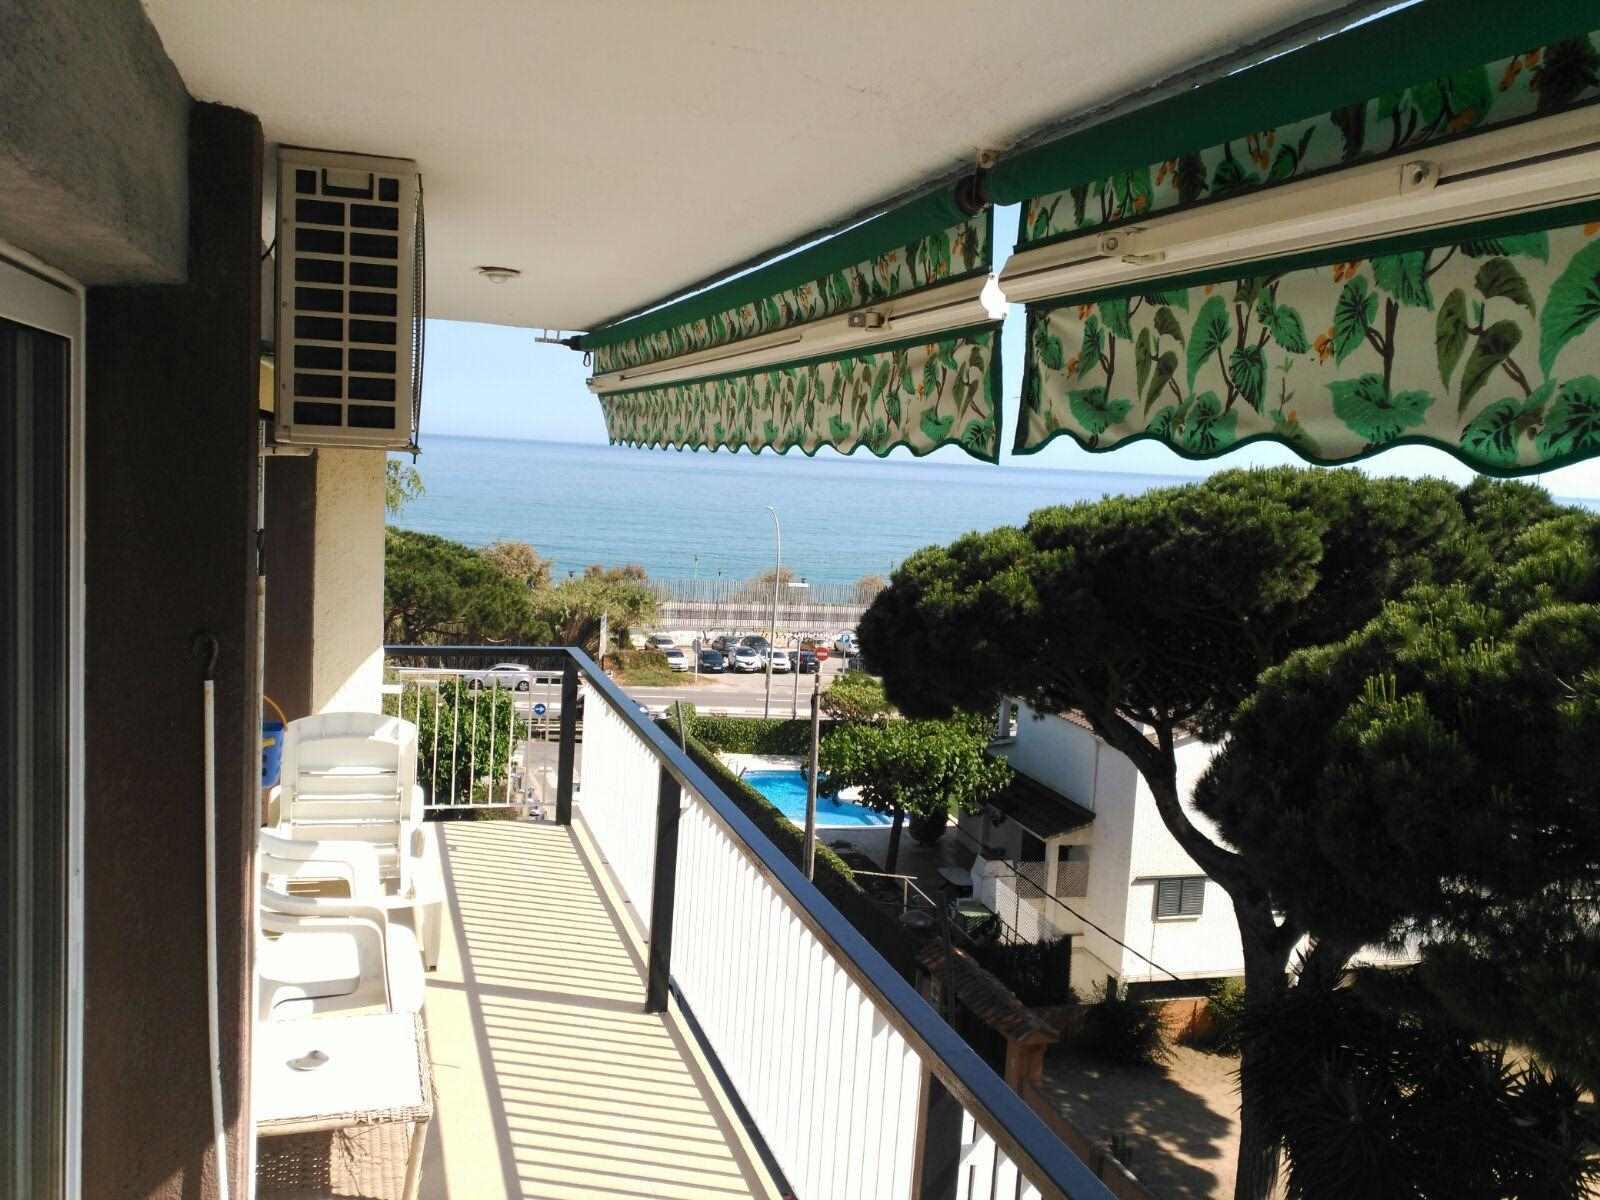 Alquiler vacaciones en Sant Andreu de Llavaneres, Barcelona